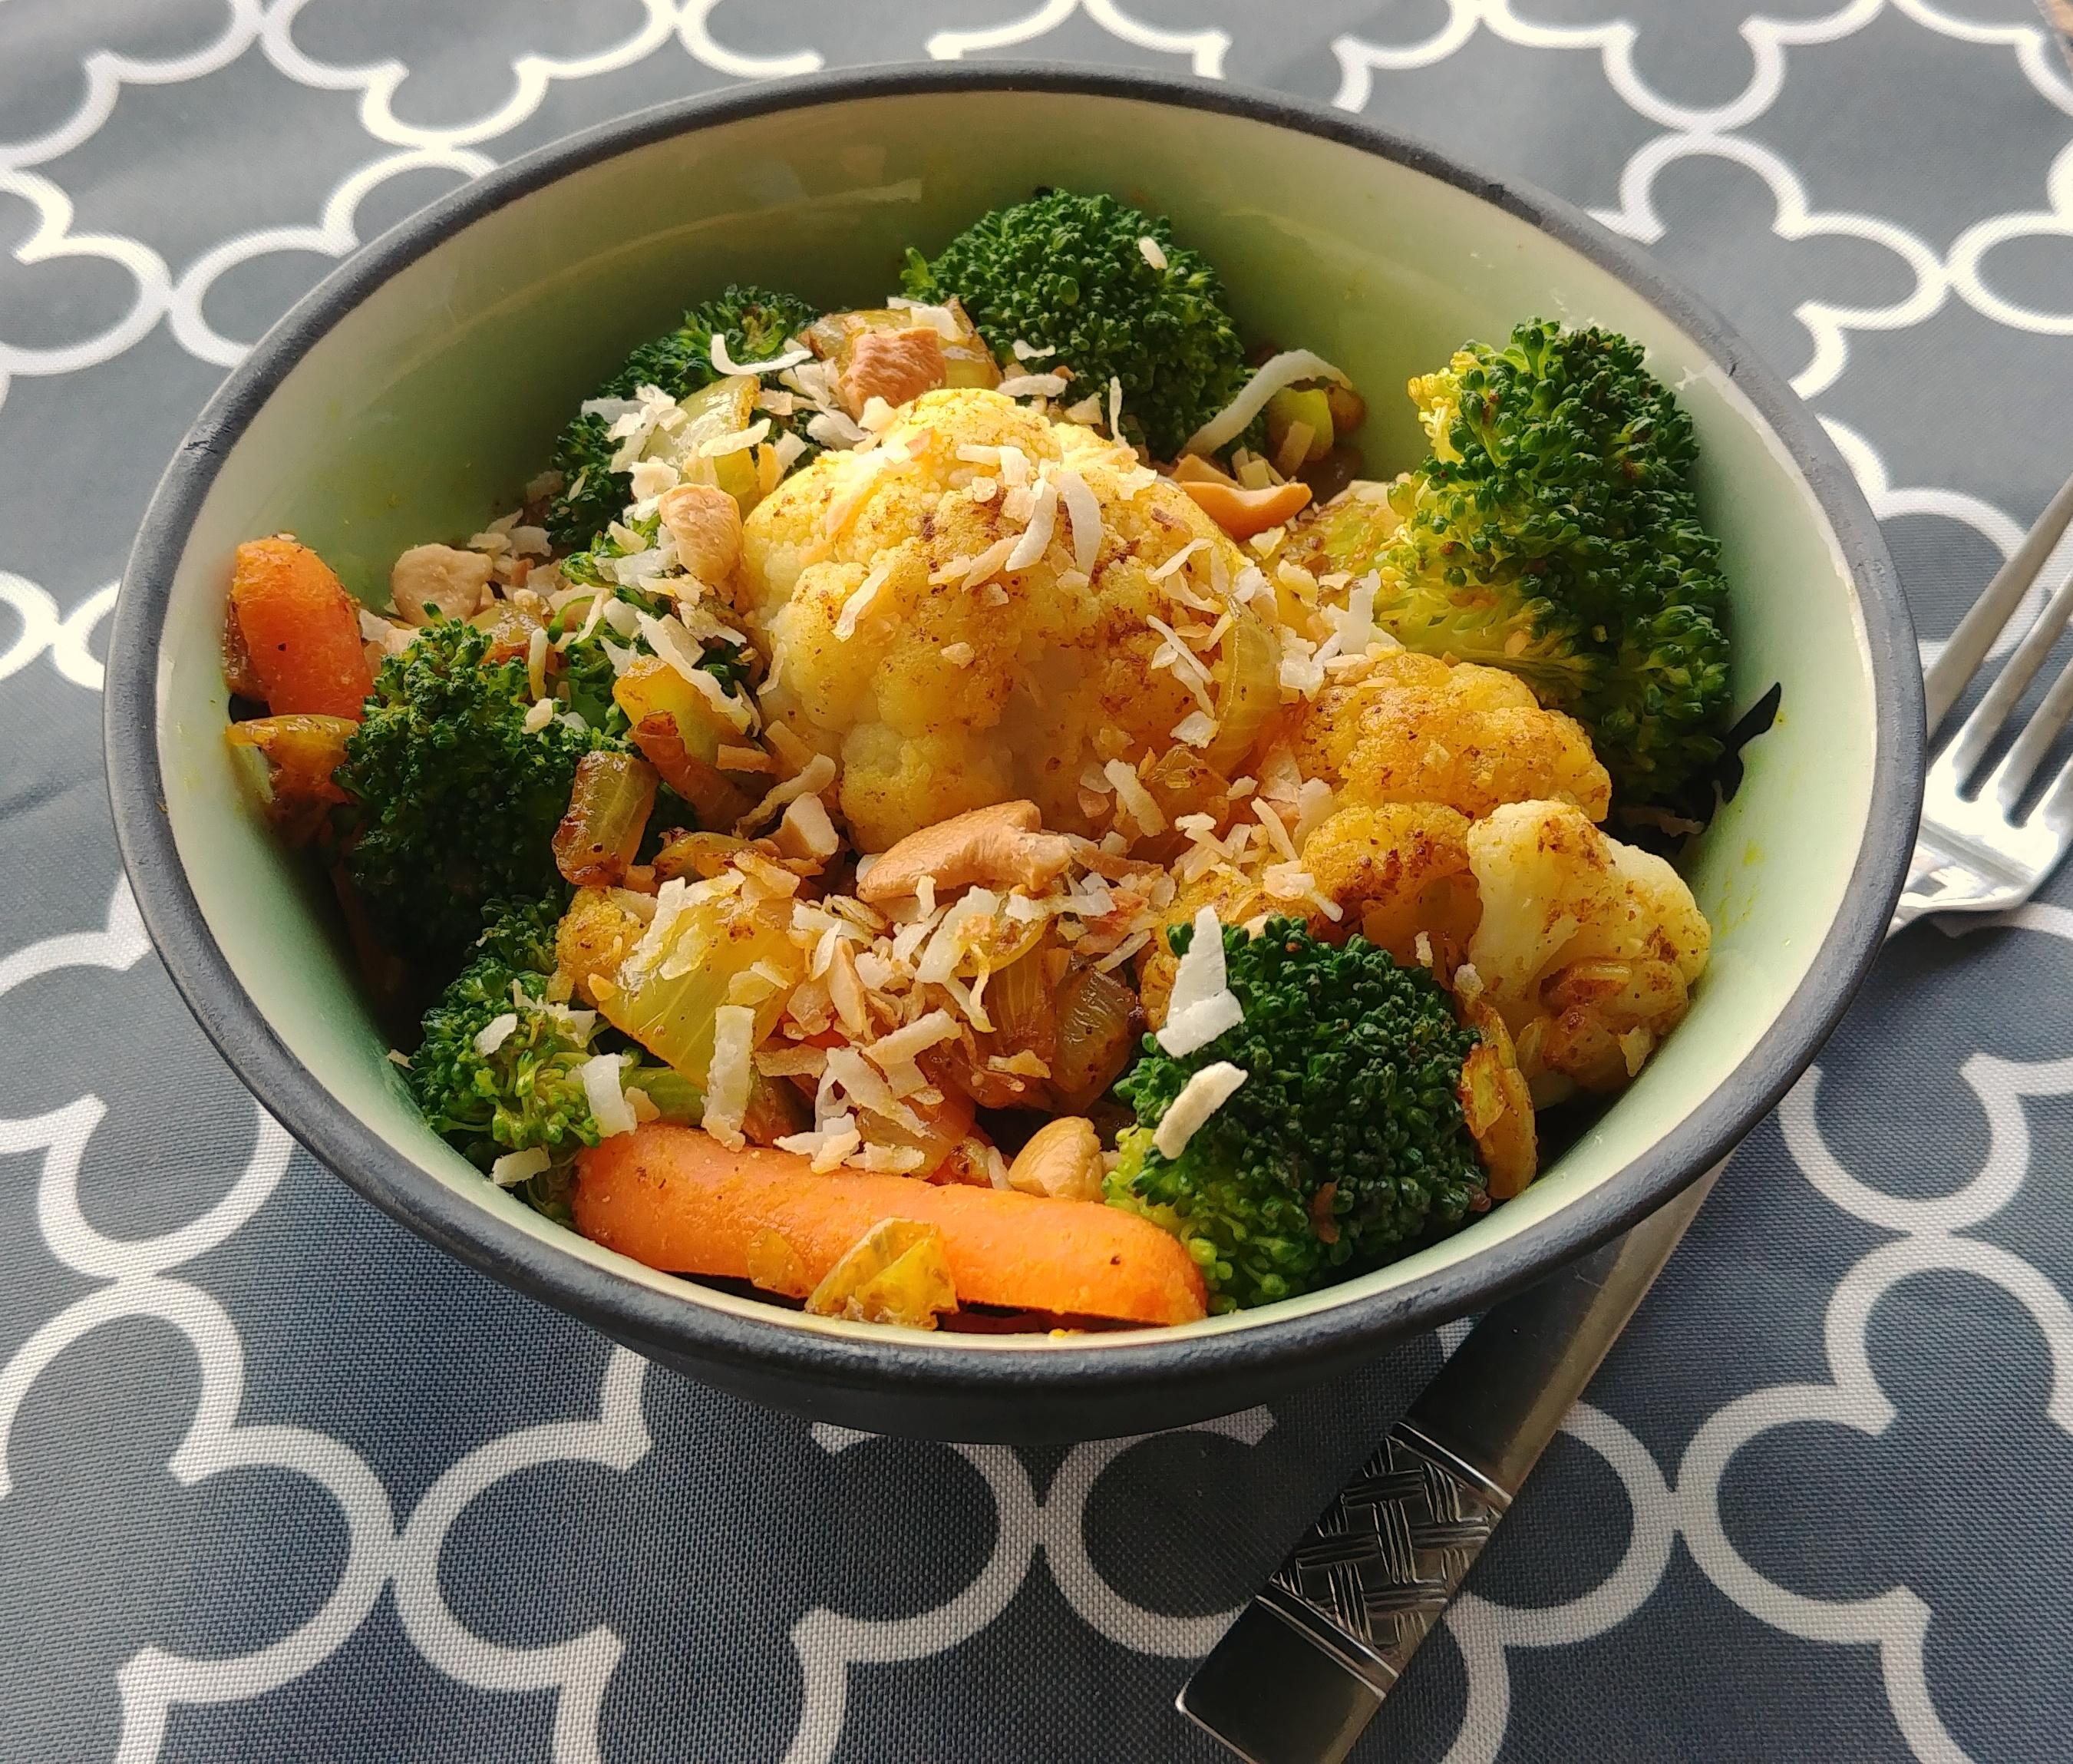 Curried Leftover Vegetables